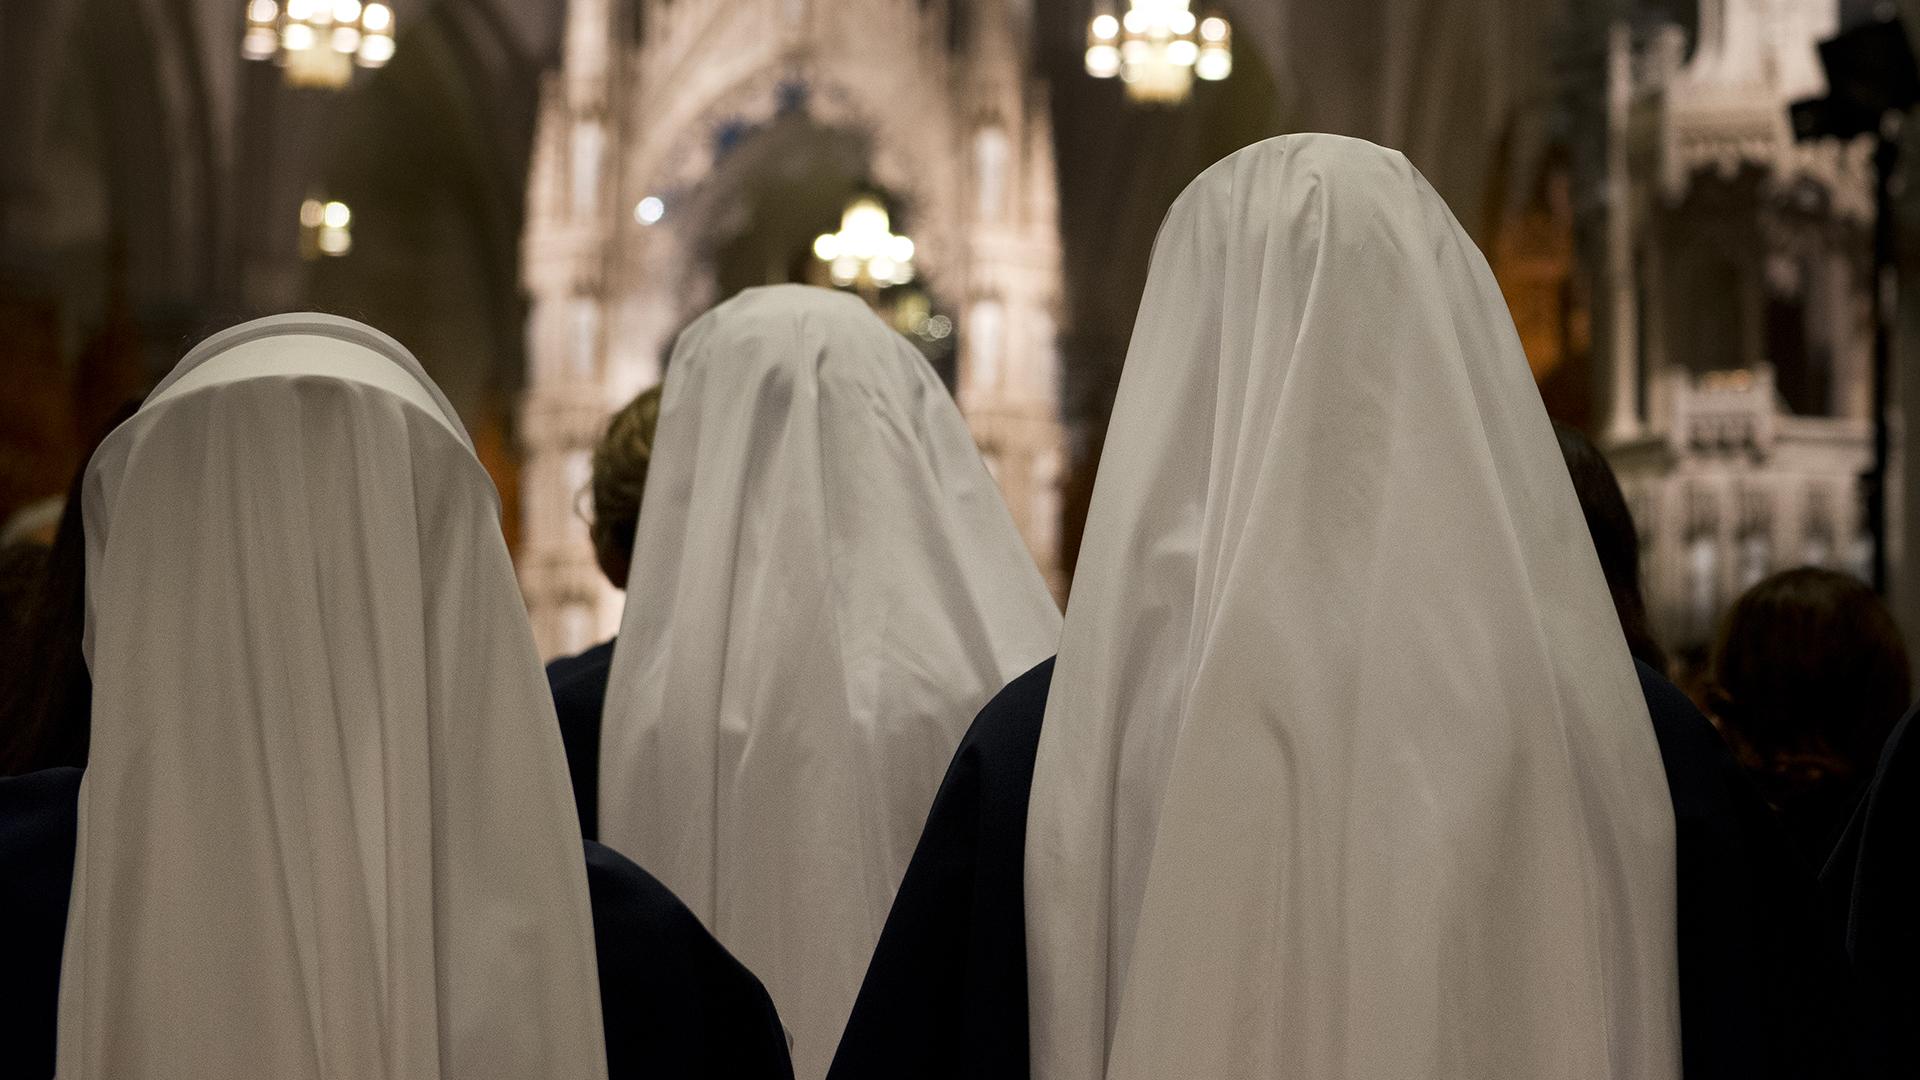 ÉGLISE CATHOLIQUE : SŒUR MARY LEMBO, LA TOGOLAISE QUI DIT NON AUX ABUS SEXUELS SUR RELIGIEUSES. REVELEE EN 2019 APRES SA THESE SUR LES ABUS